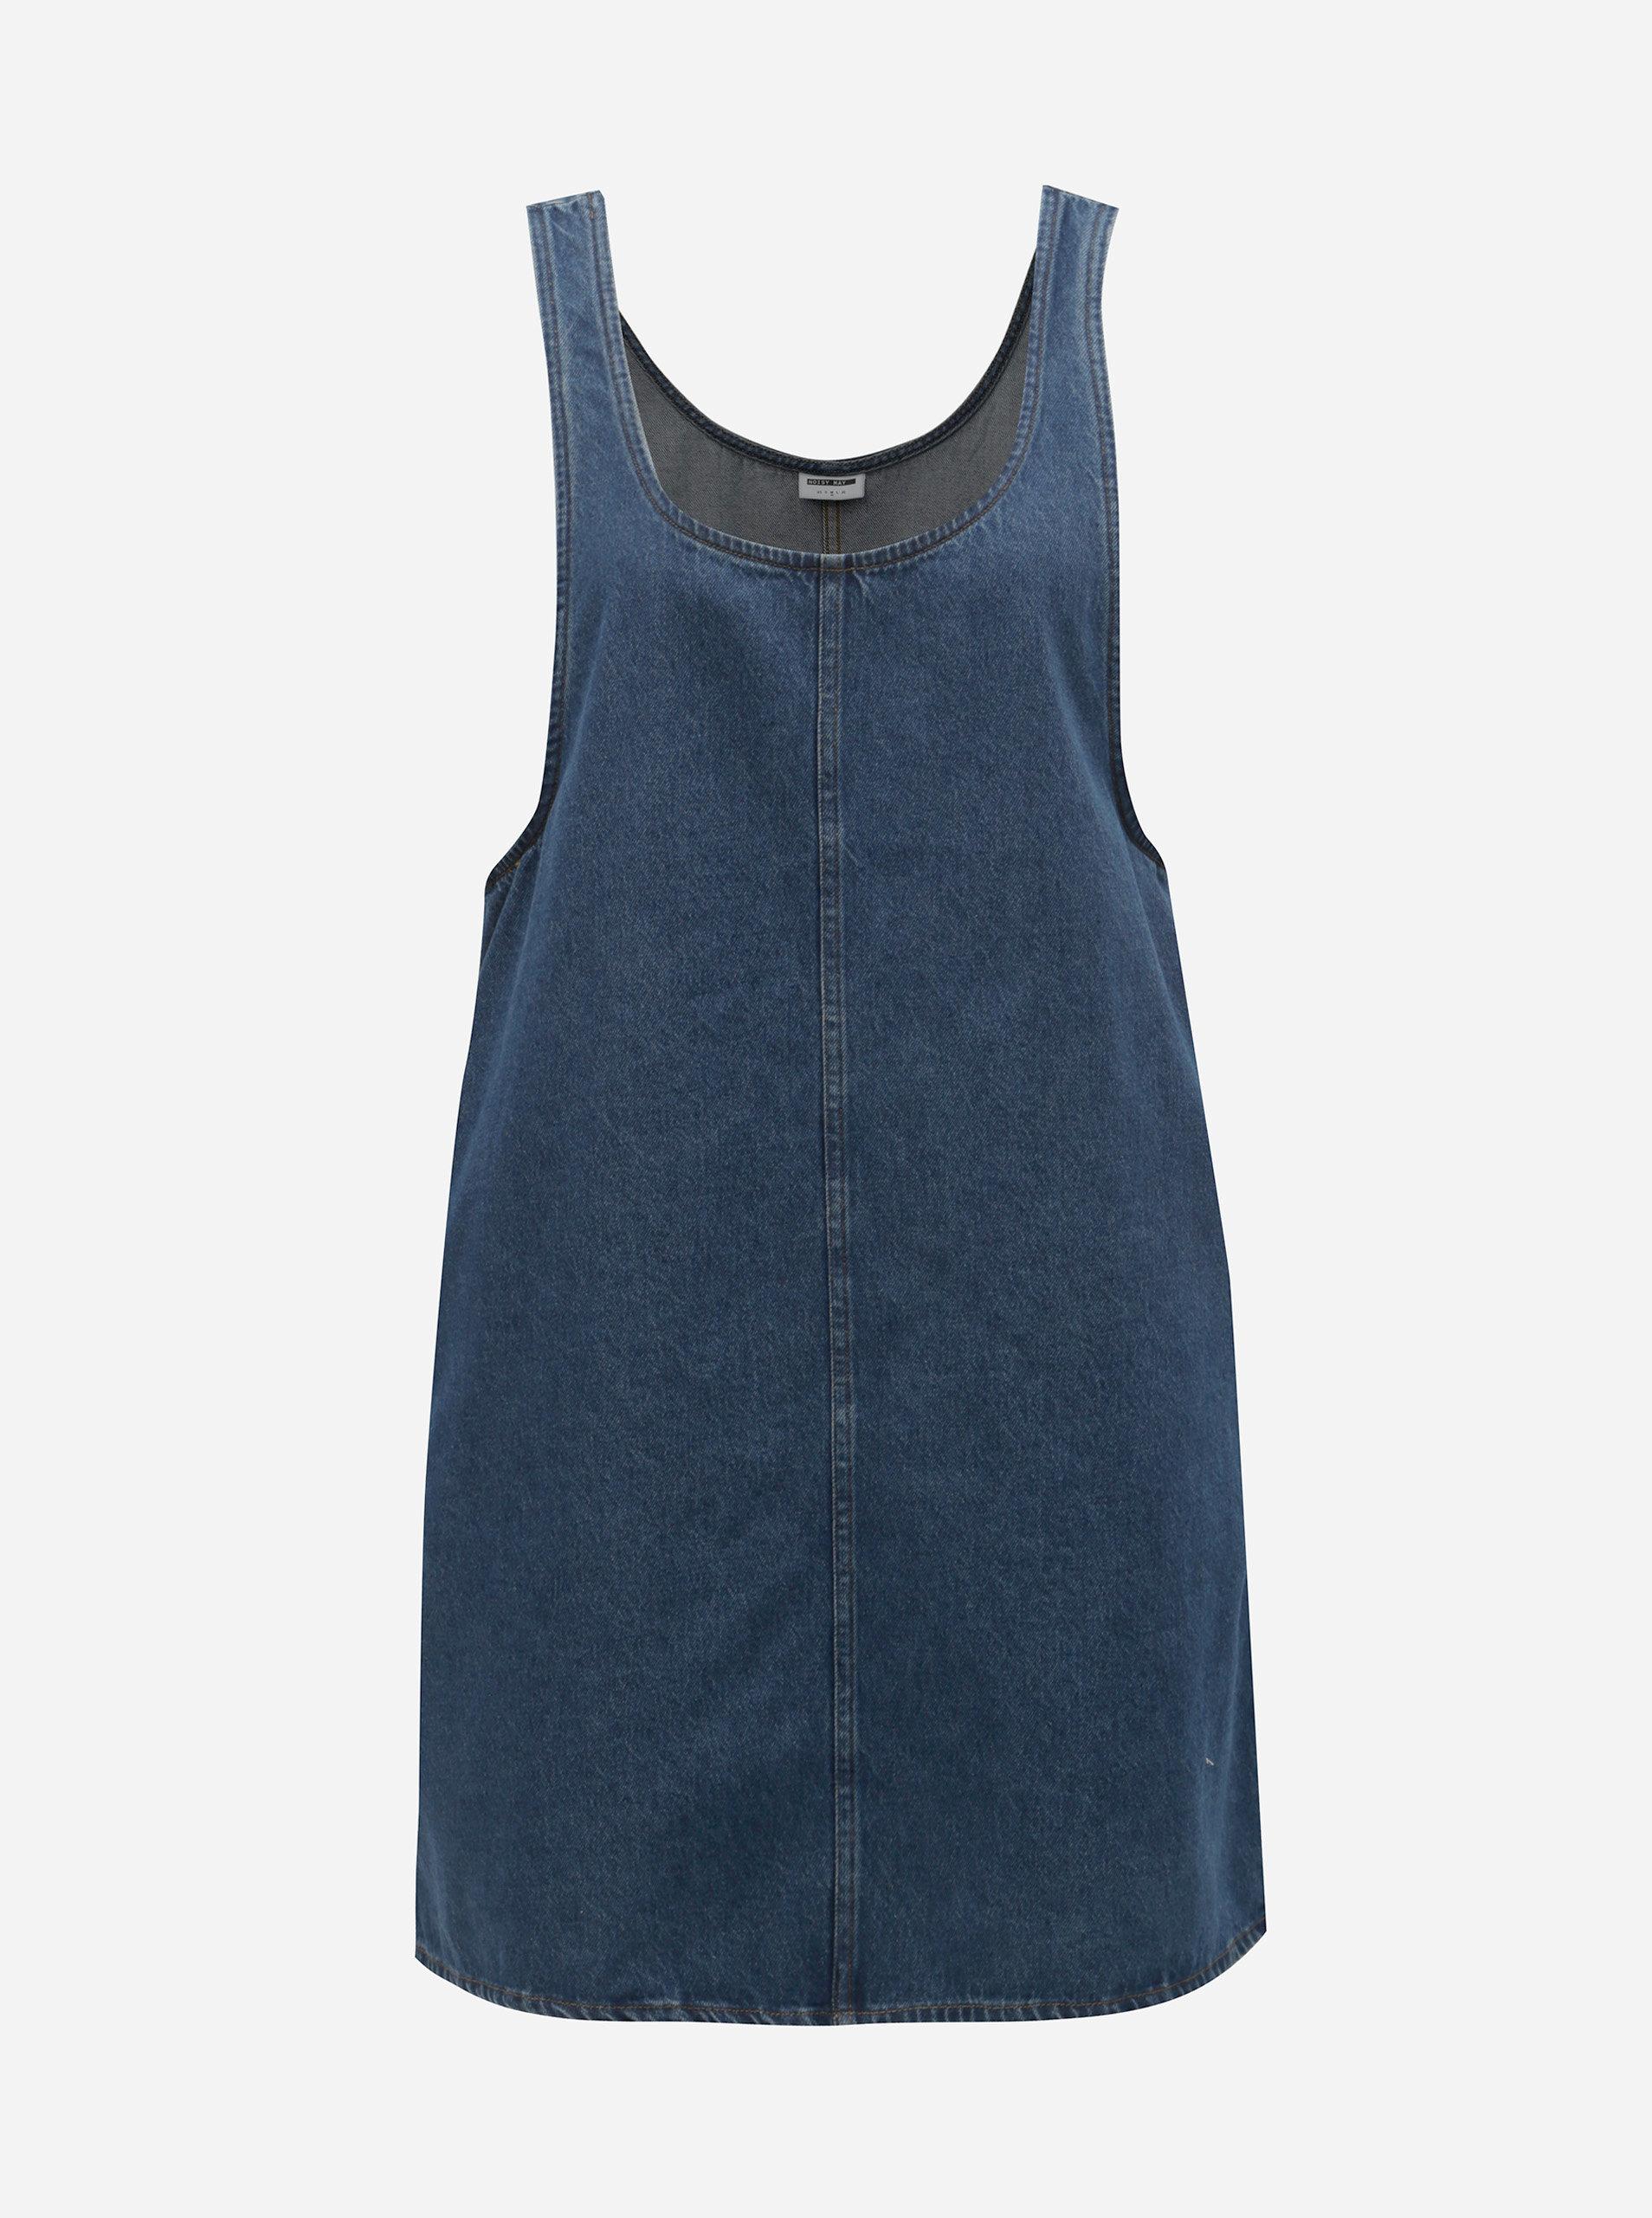 Modré džínové šaty s kapsami Noisy May Wilda ... 197b551968a